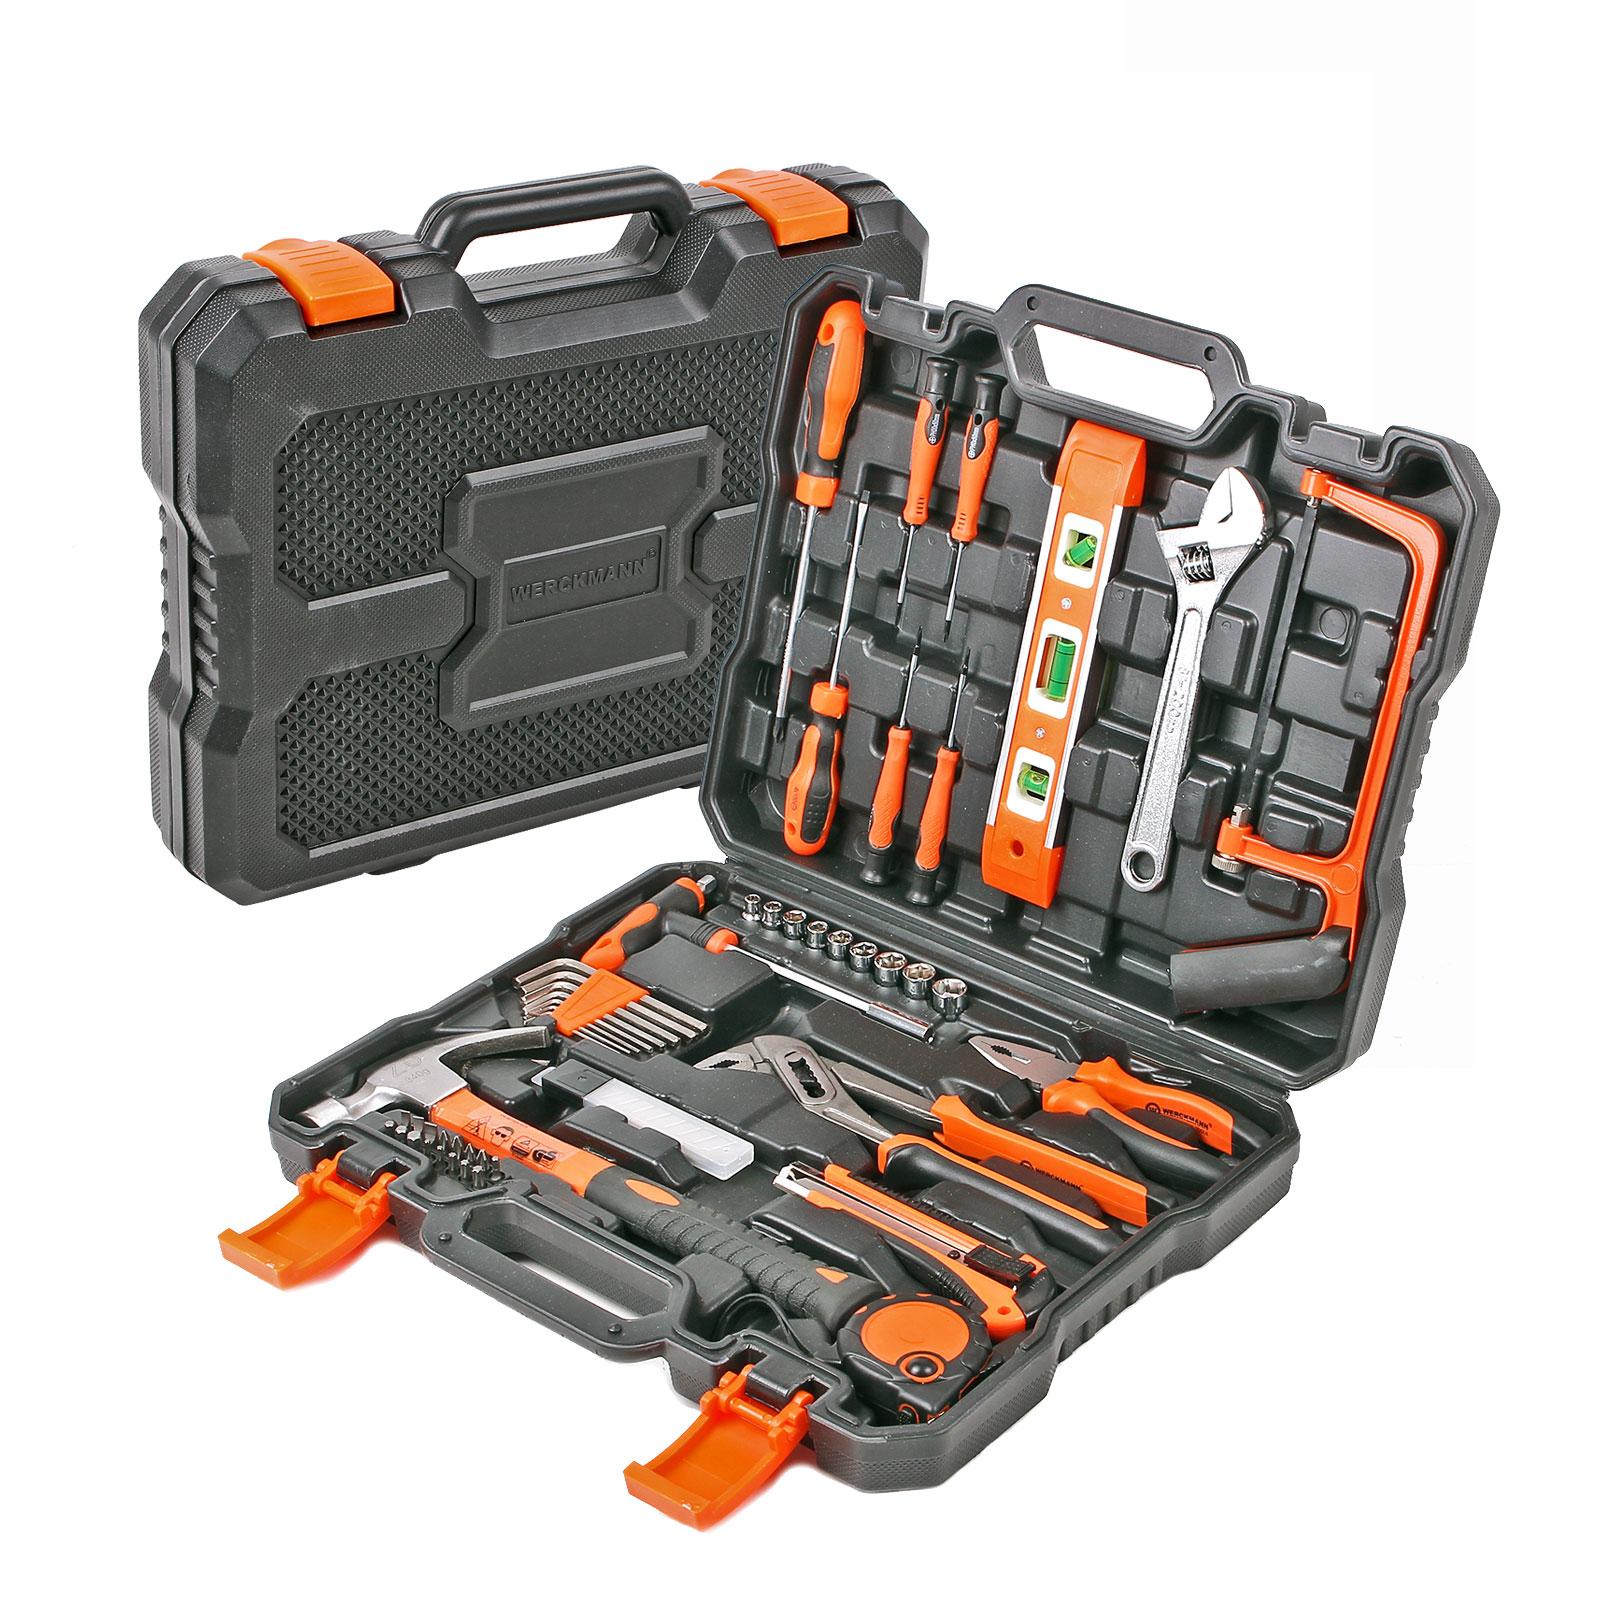 Werckmann® Werkzeugkasten 50 tlg mit Transportkoffer